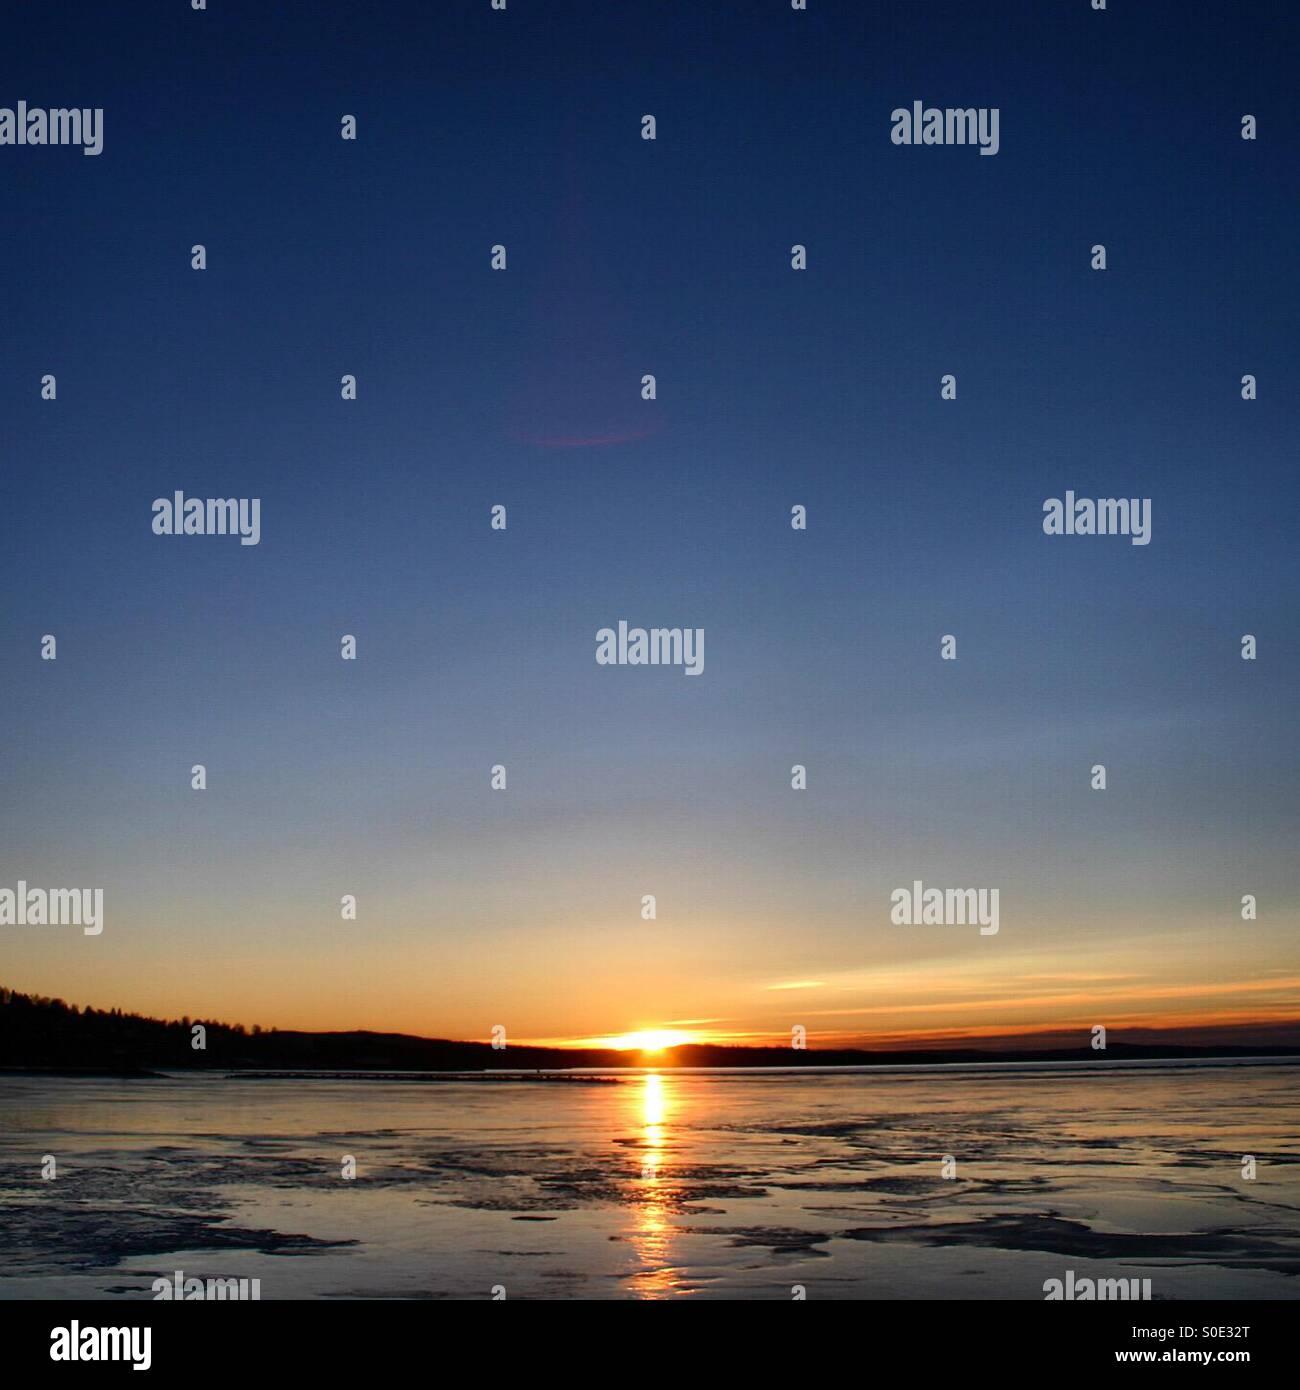 The lake Siljan in Dalarna, Sweden - Stock Image